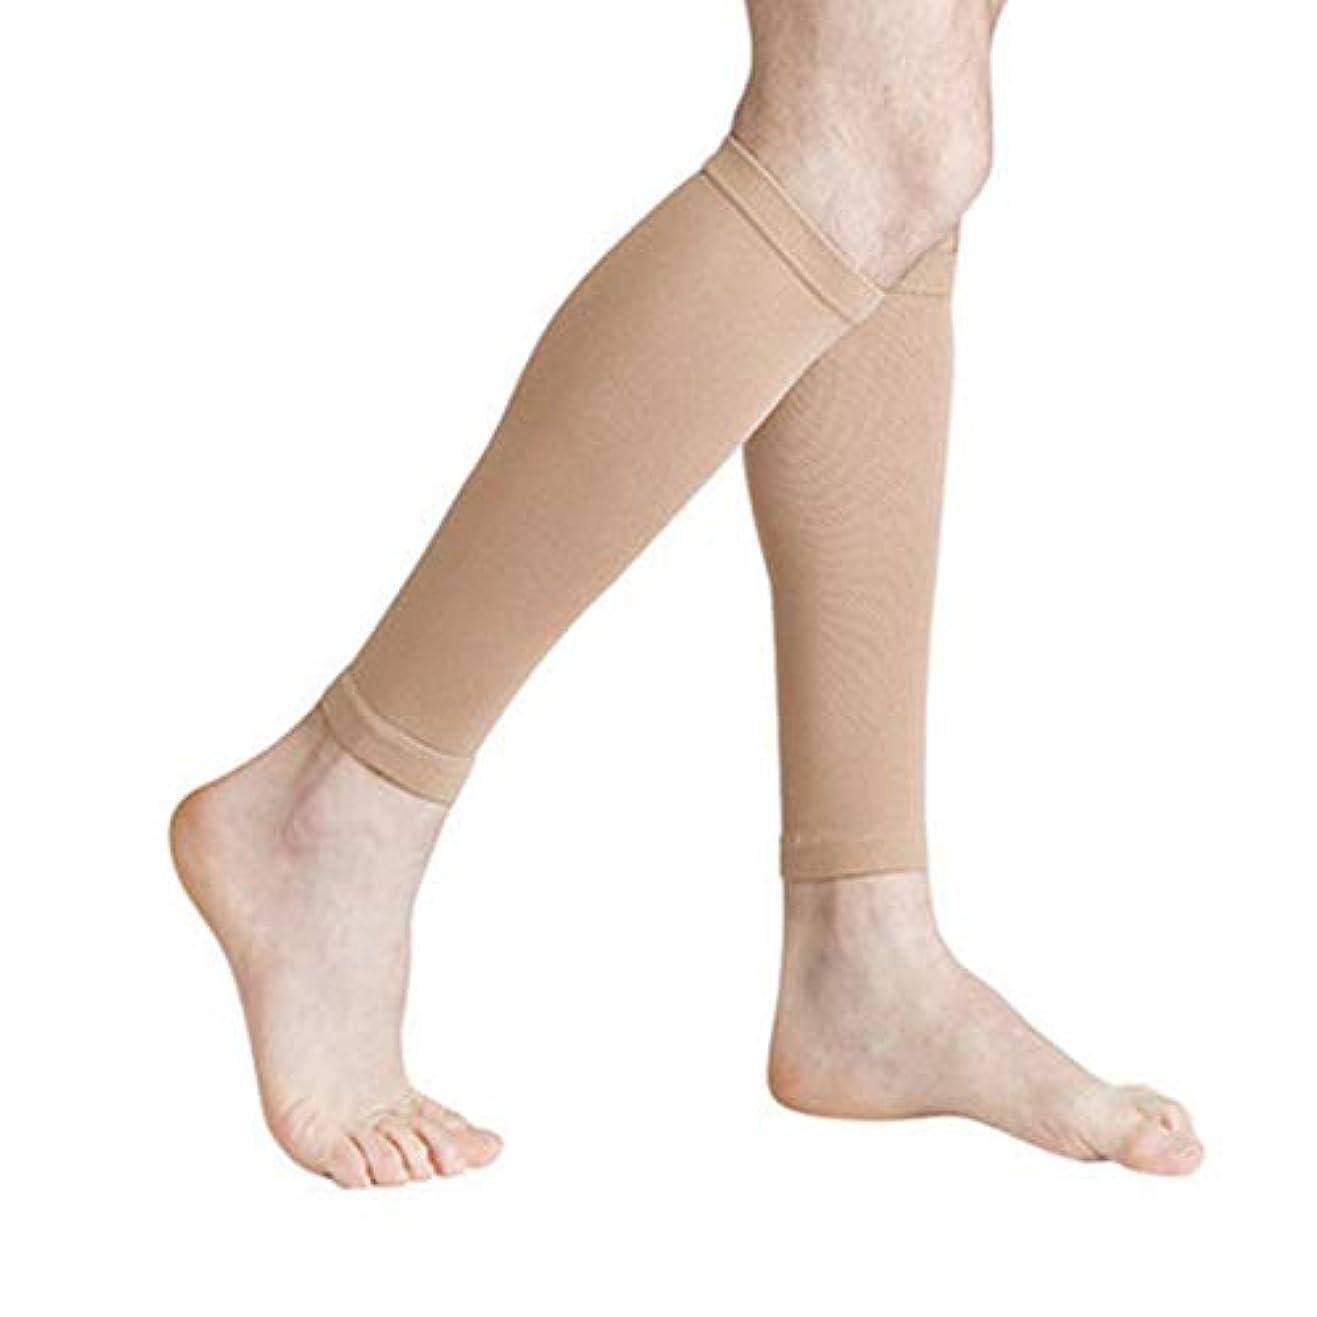 差別する展望台チューインガム丈夫な男性女性プロの圧縮靴下通気性のある旅行活動看護師用シントスプリントフライトトラベル - 肌色